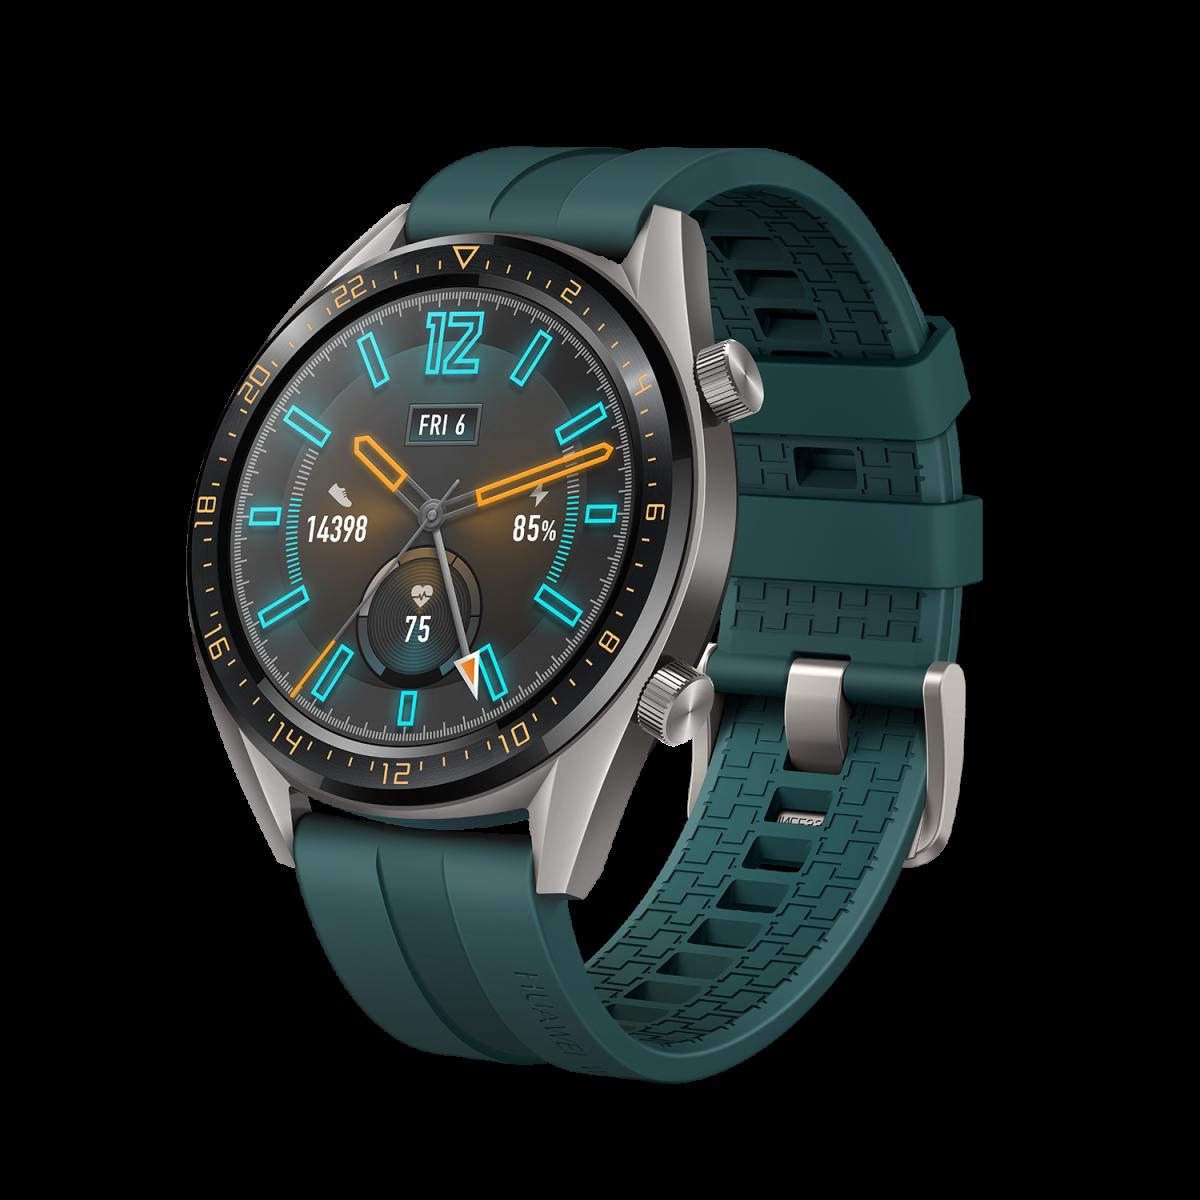 Huawei predstavuje bezdrôtové slúchadlá FreeLace a rozširuje portfólio hodiniek Watch GT